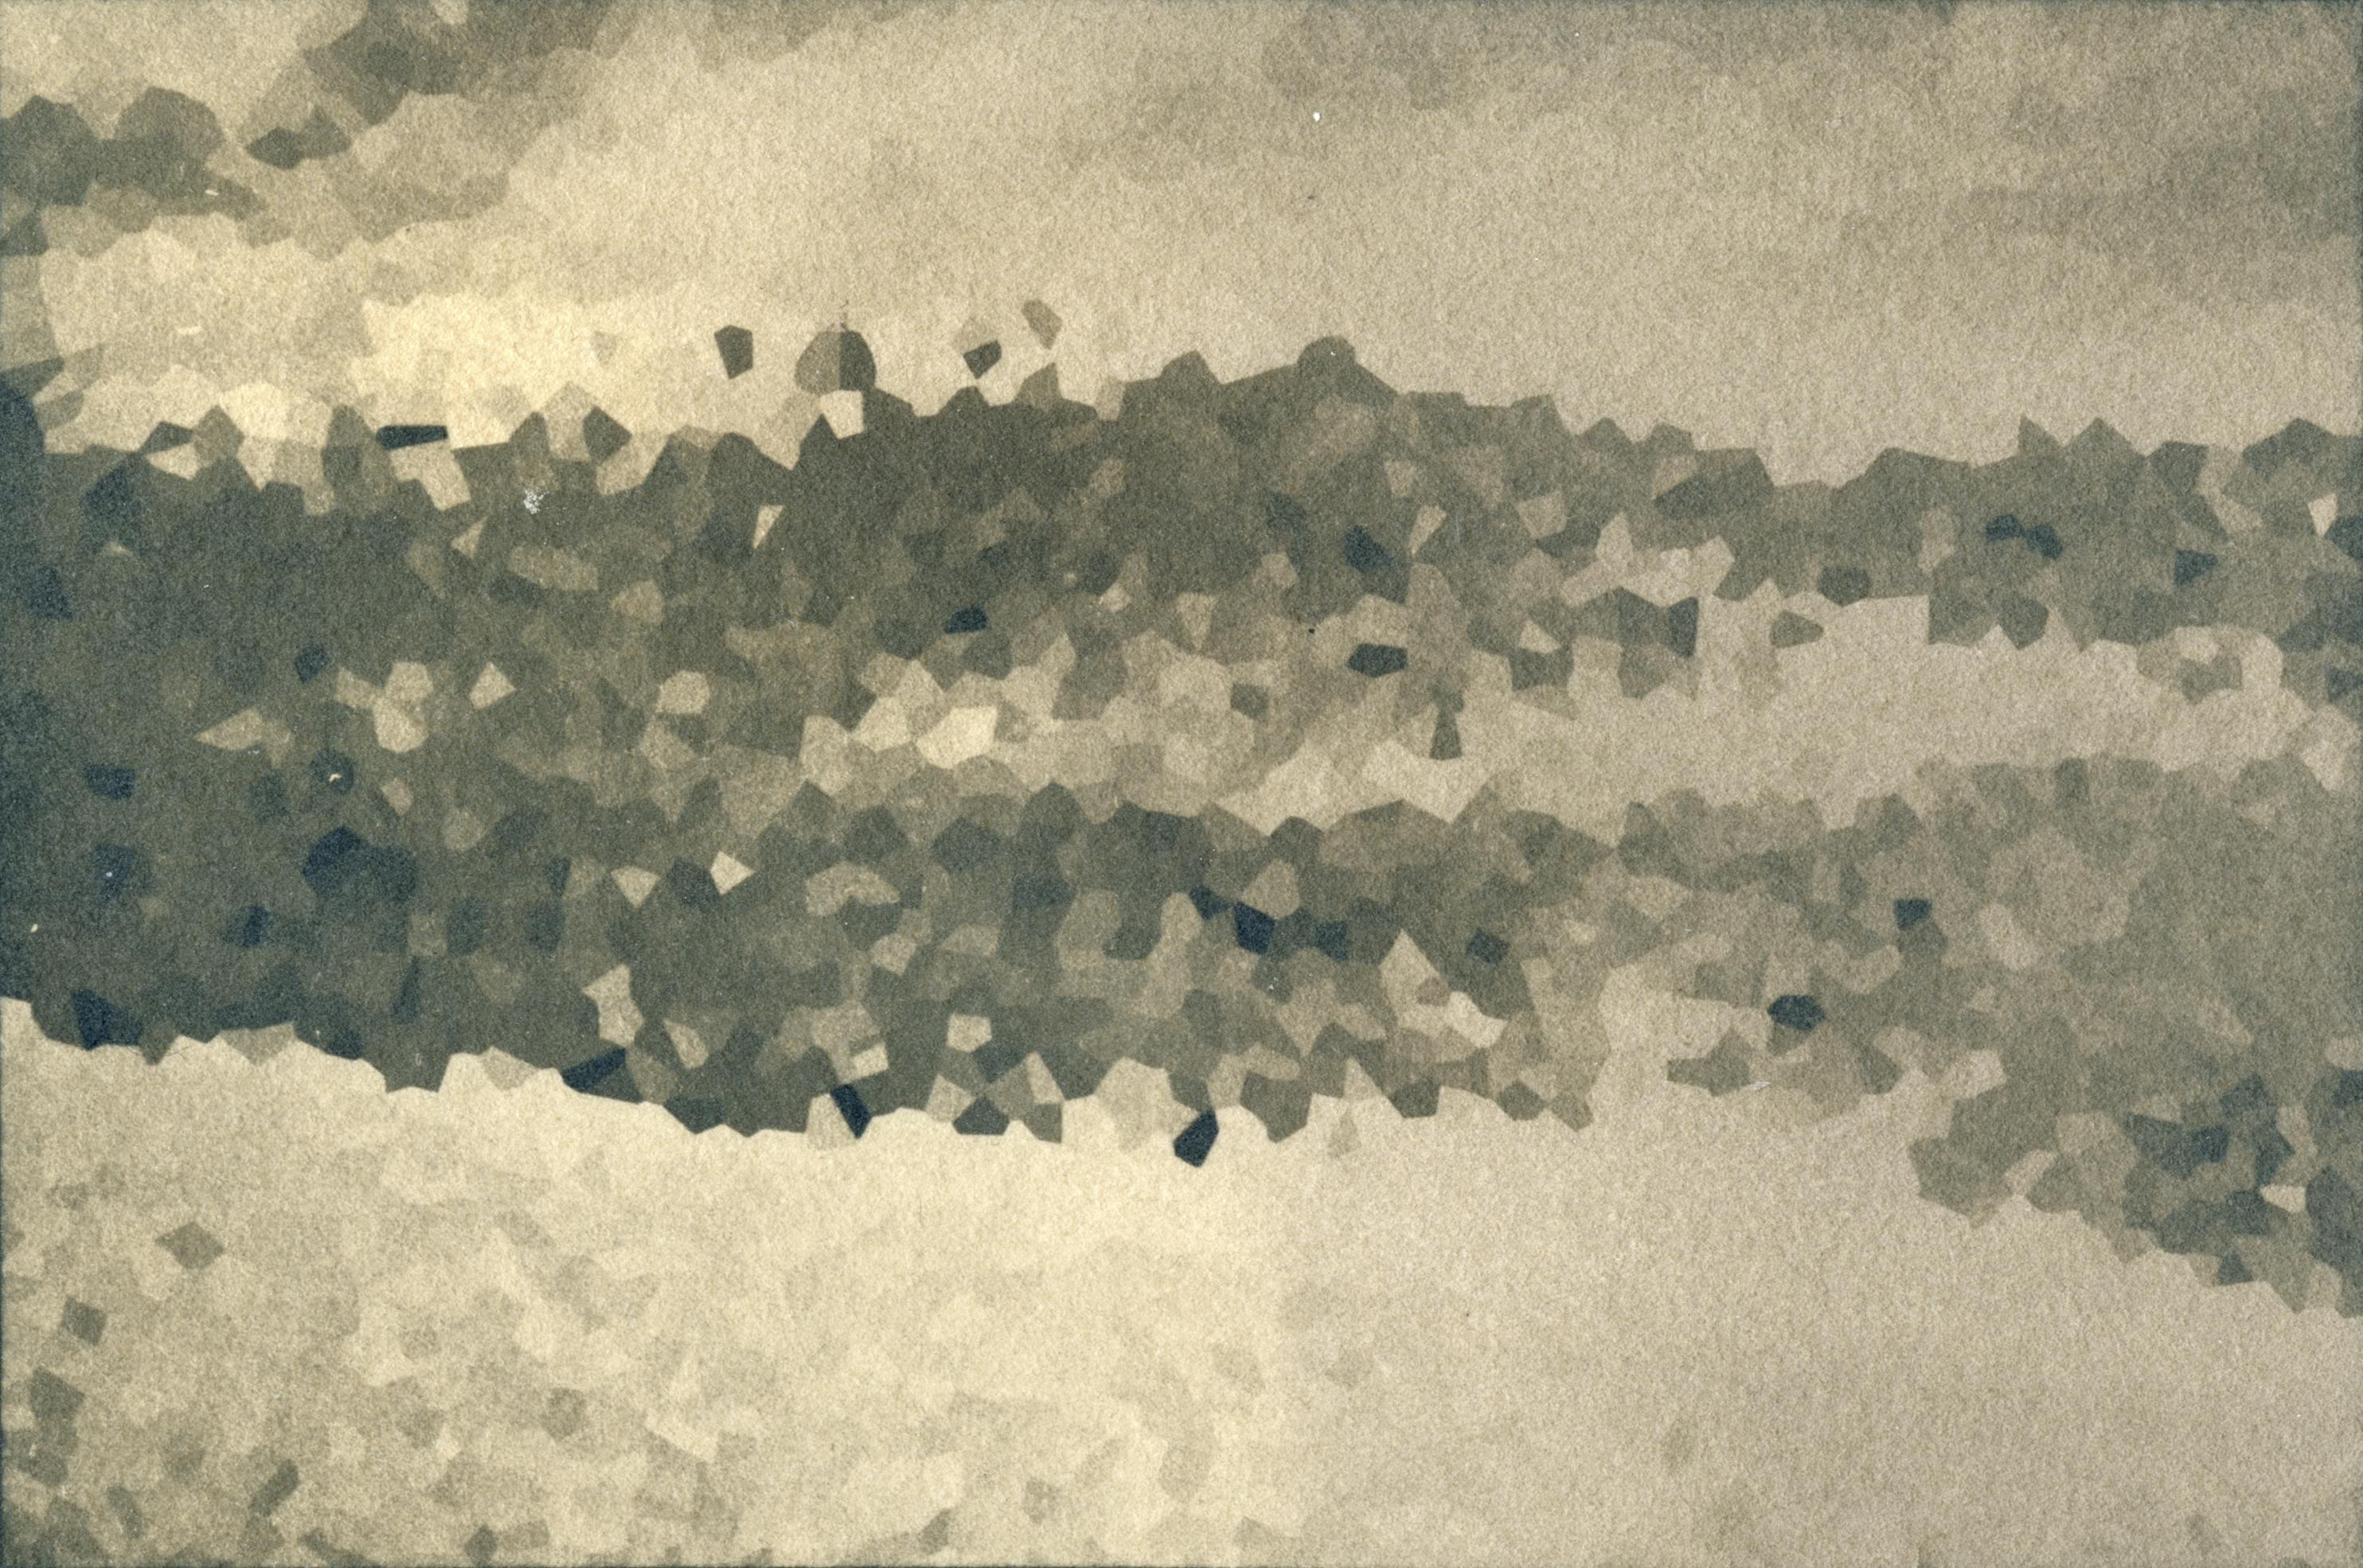 Cyanotype #2